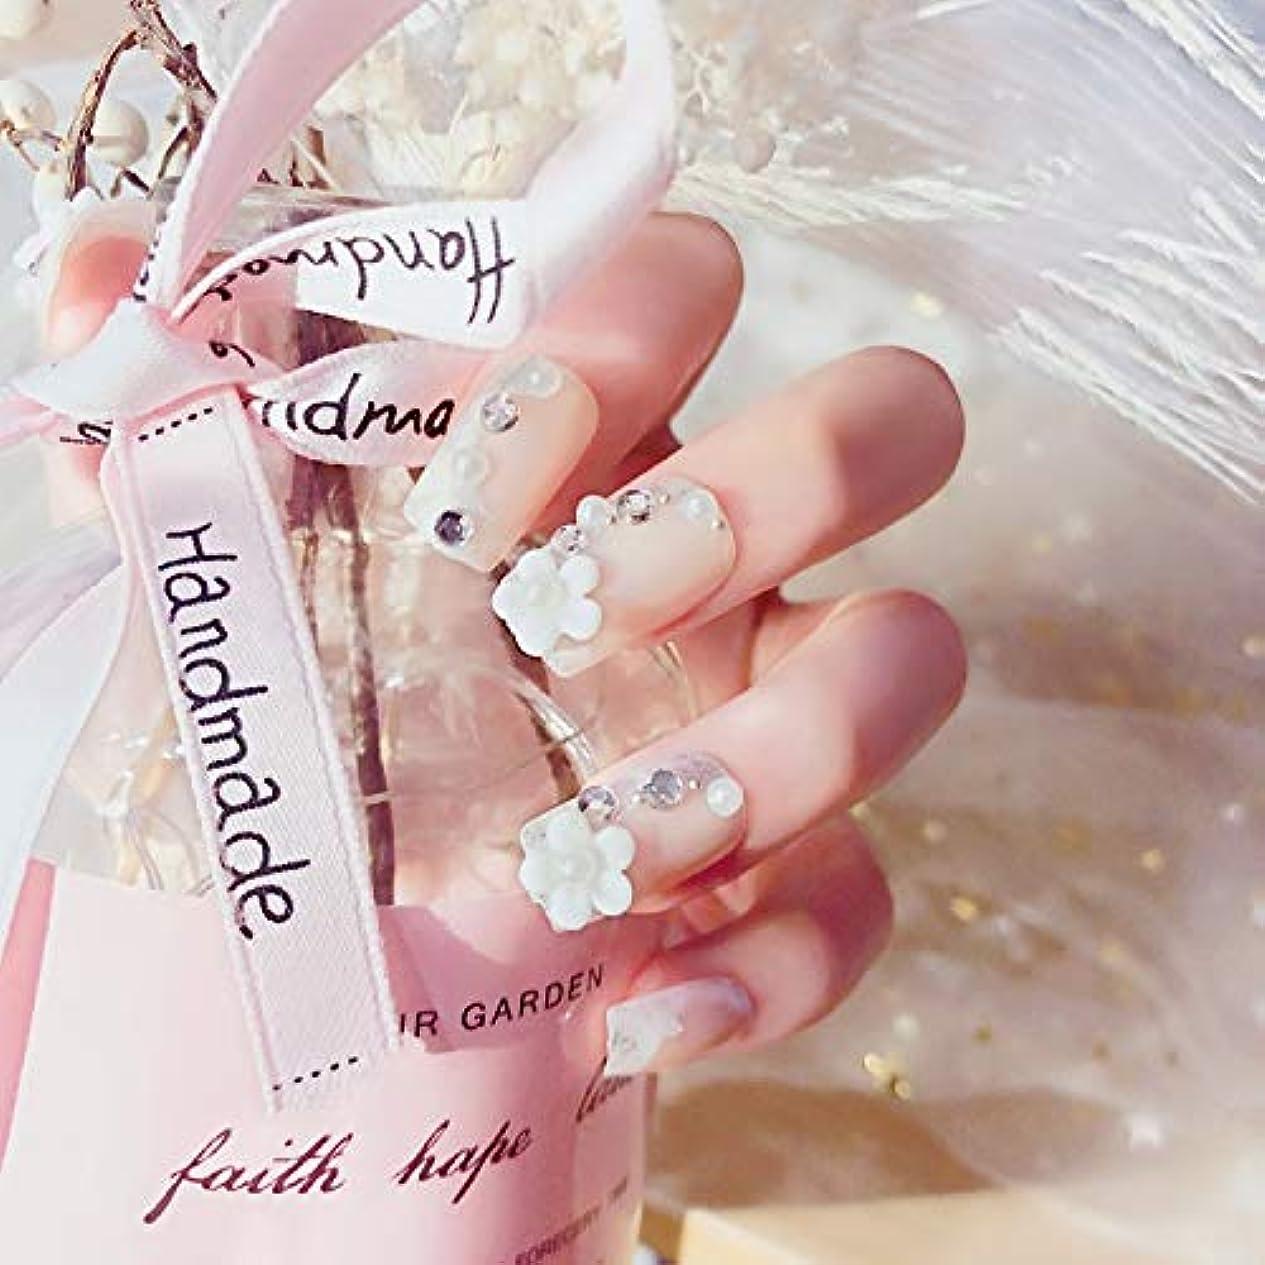 まばたき経験者広いVALEN Nail Patch 3D ネイルチップ 人造ダイヤモンド 24枚入 原宿 和風 夢幻 和装 手作りネイルチップ 結婚式ネイルチップ